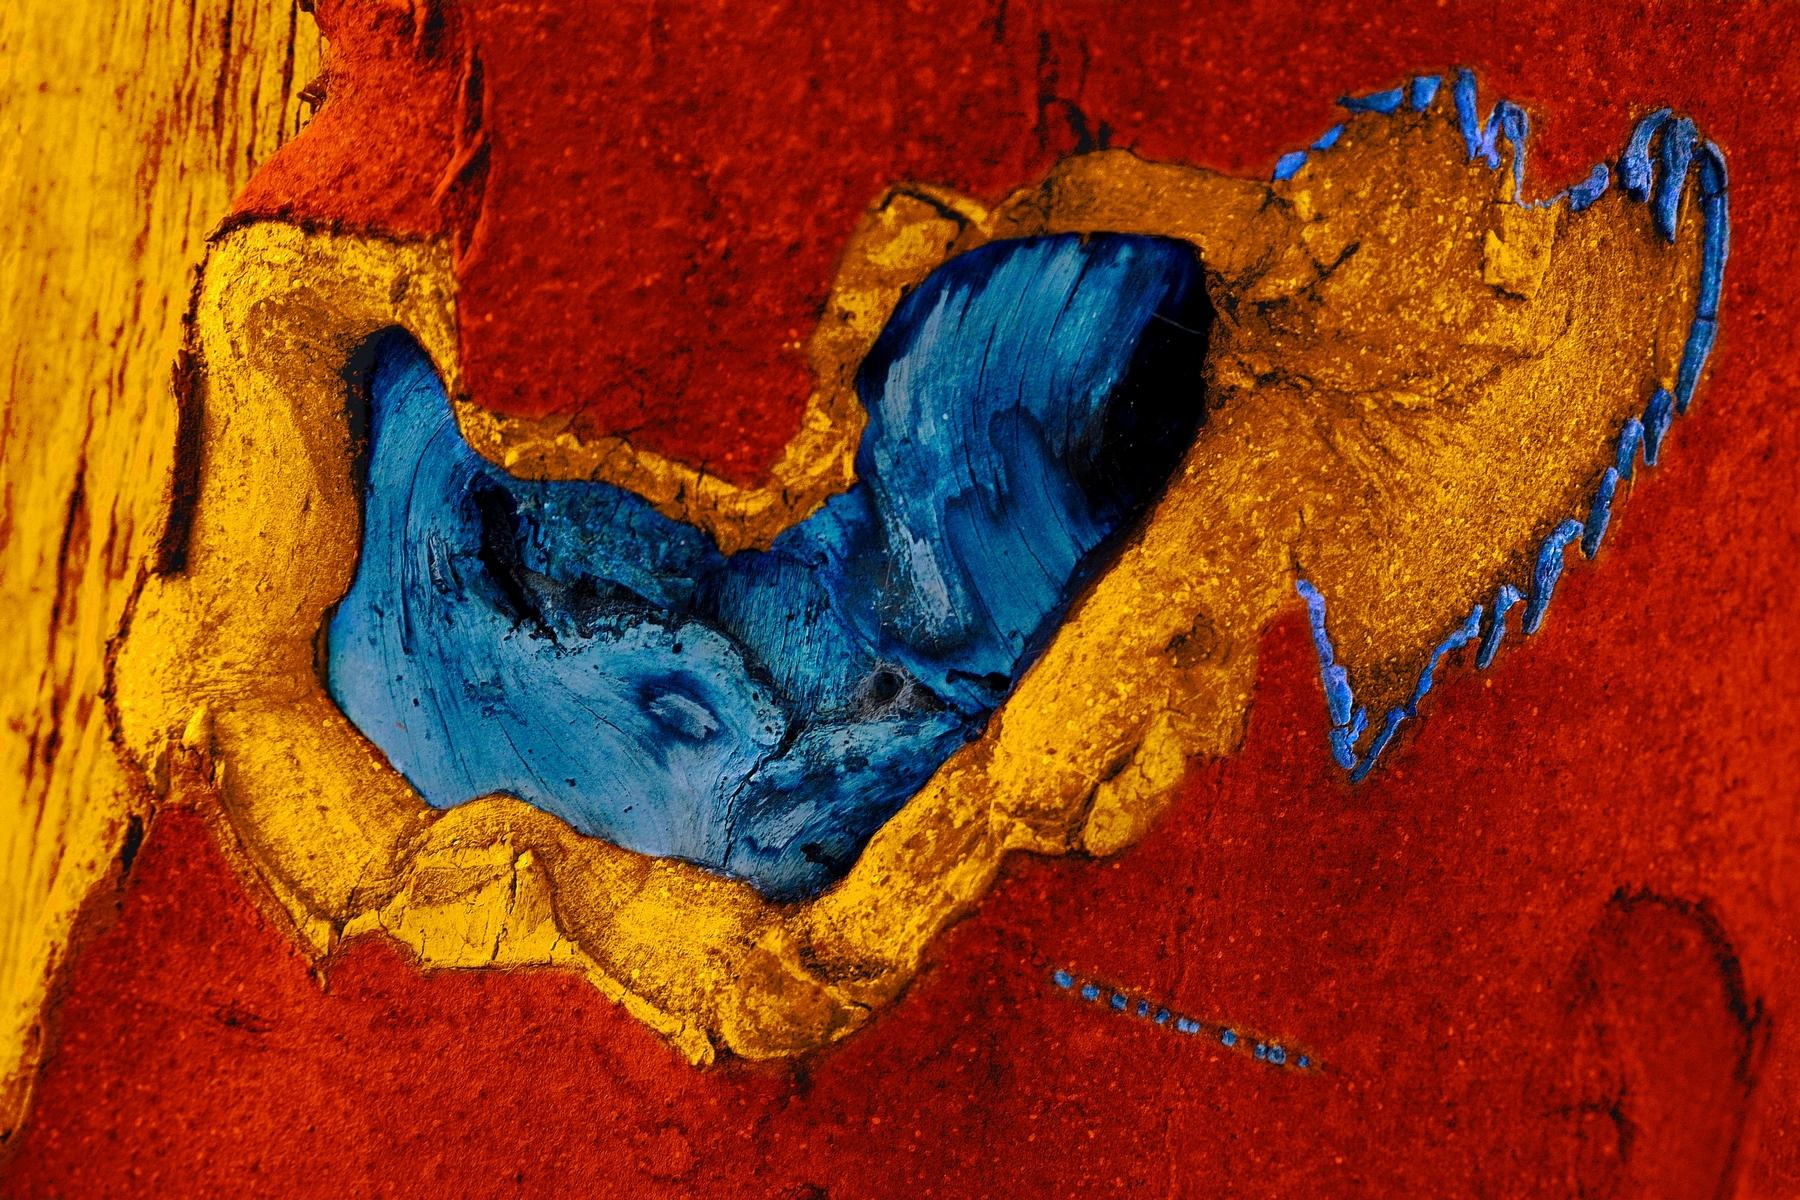 """Dans le cadre de l'exposition collective """"Vibrations"""", l'artiste Régine Chiffe immortalise la nature pour réaliser des oeuvres colorées et fascinantes."""